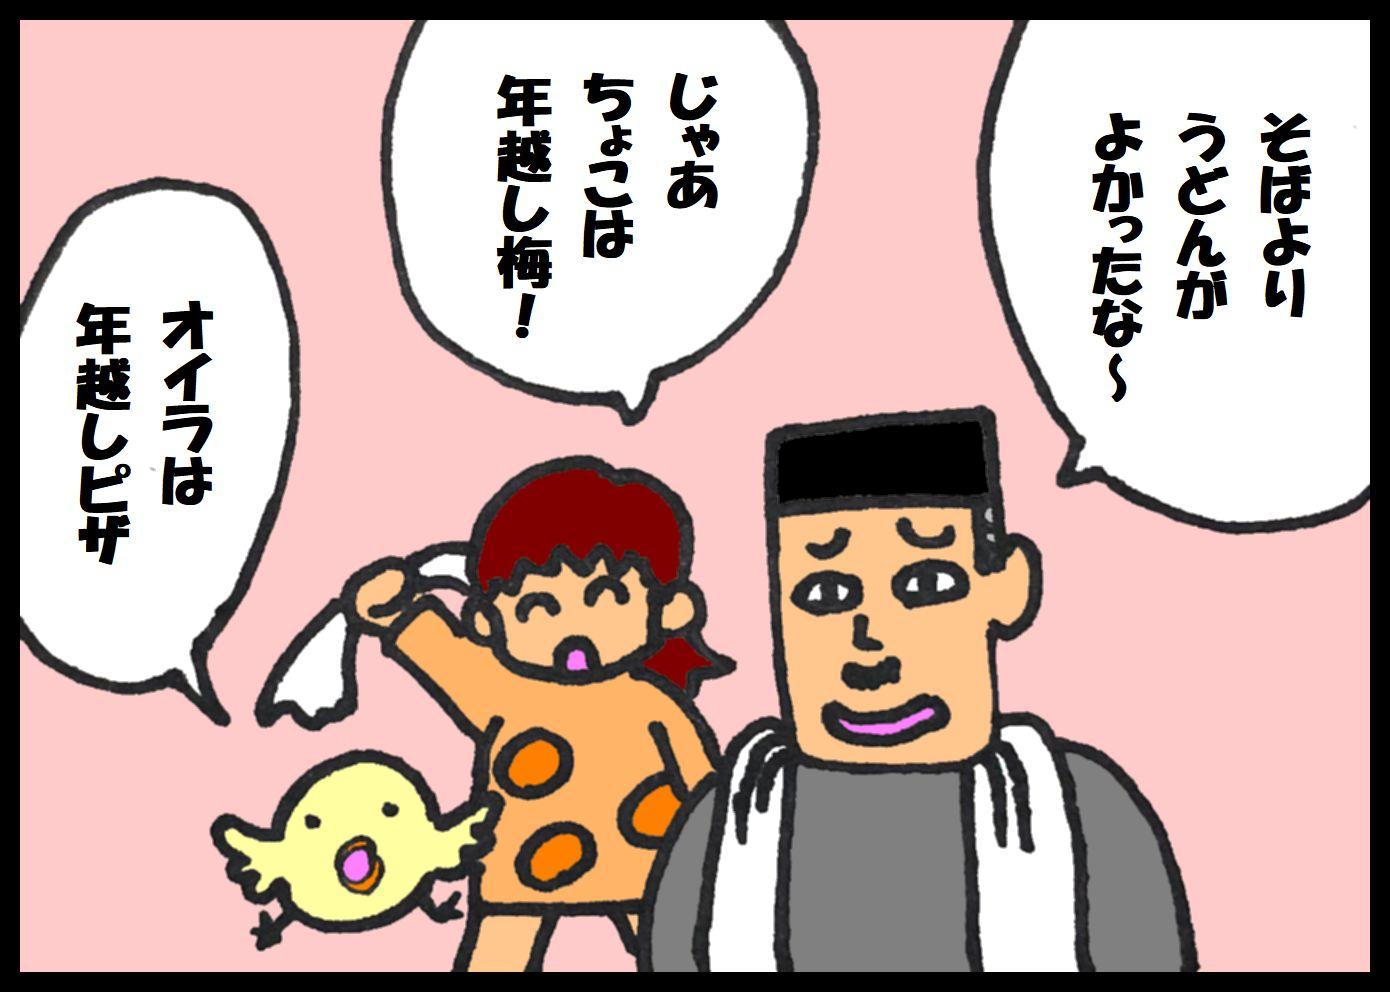 『夕やけちょこ』その20「年越し○○」(2)